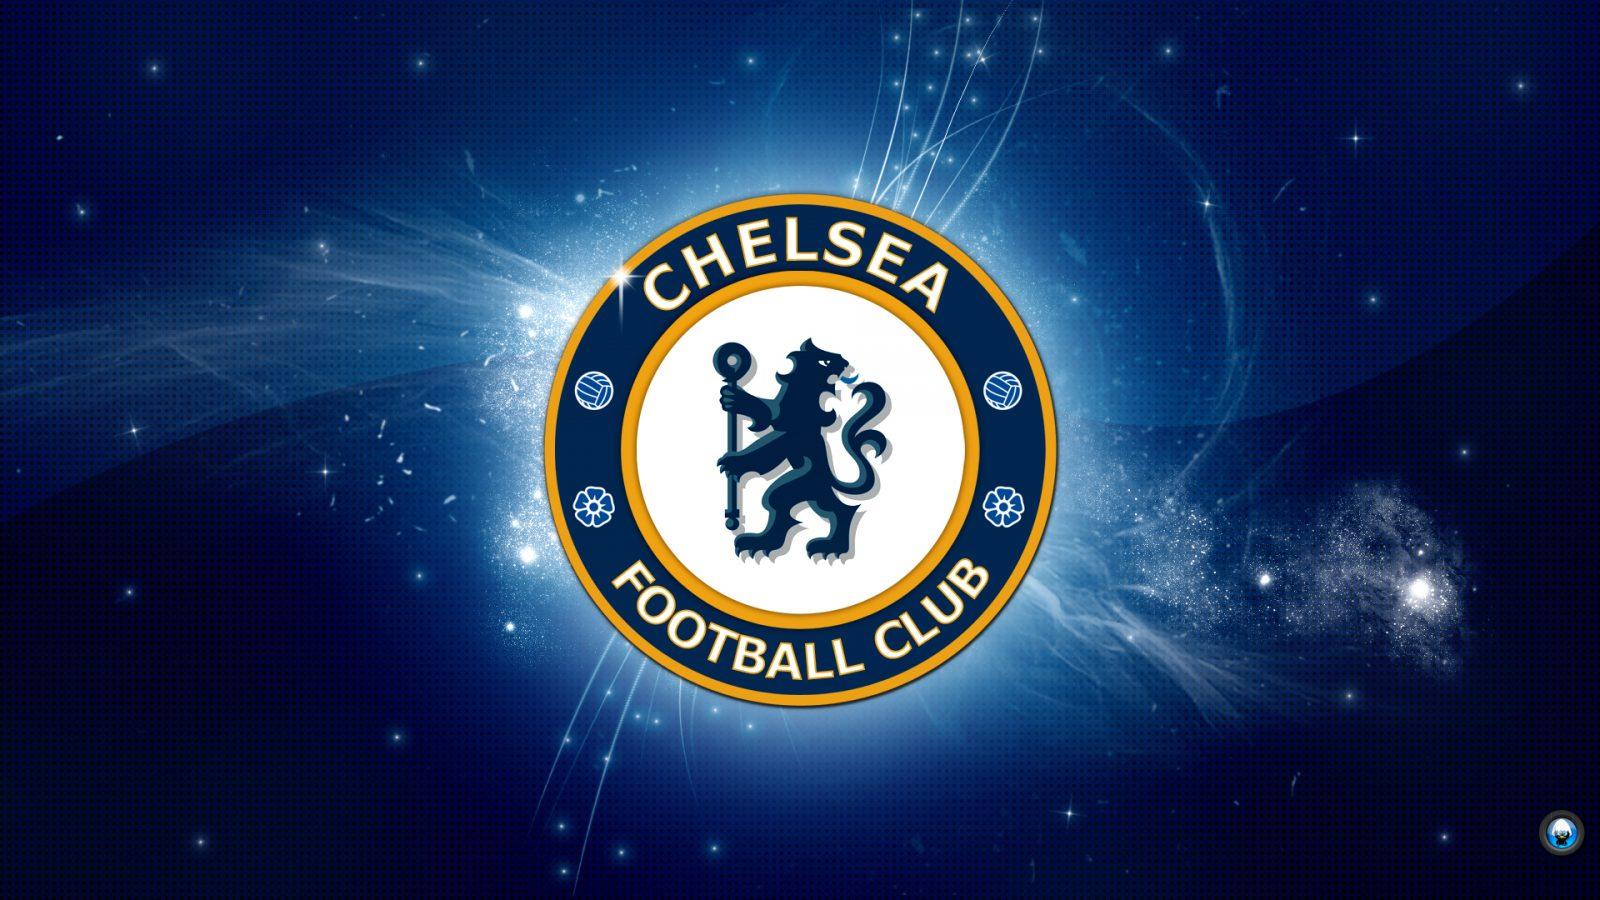 IMG seguirá produciendo el canal de TV del Chelsea